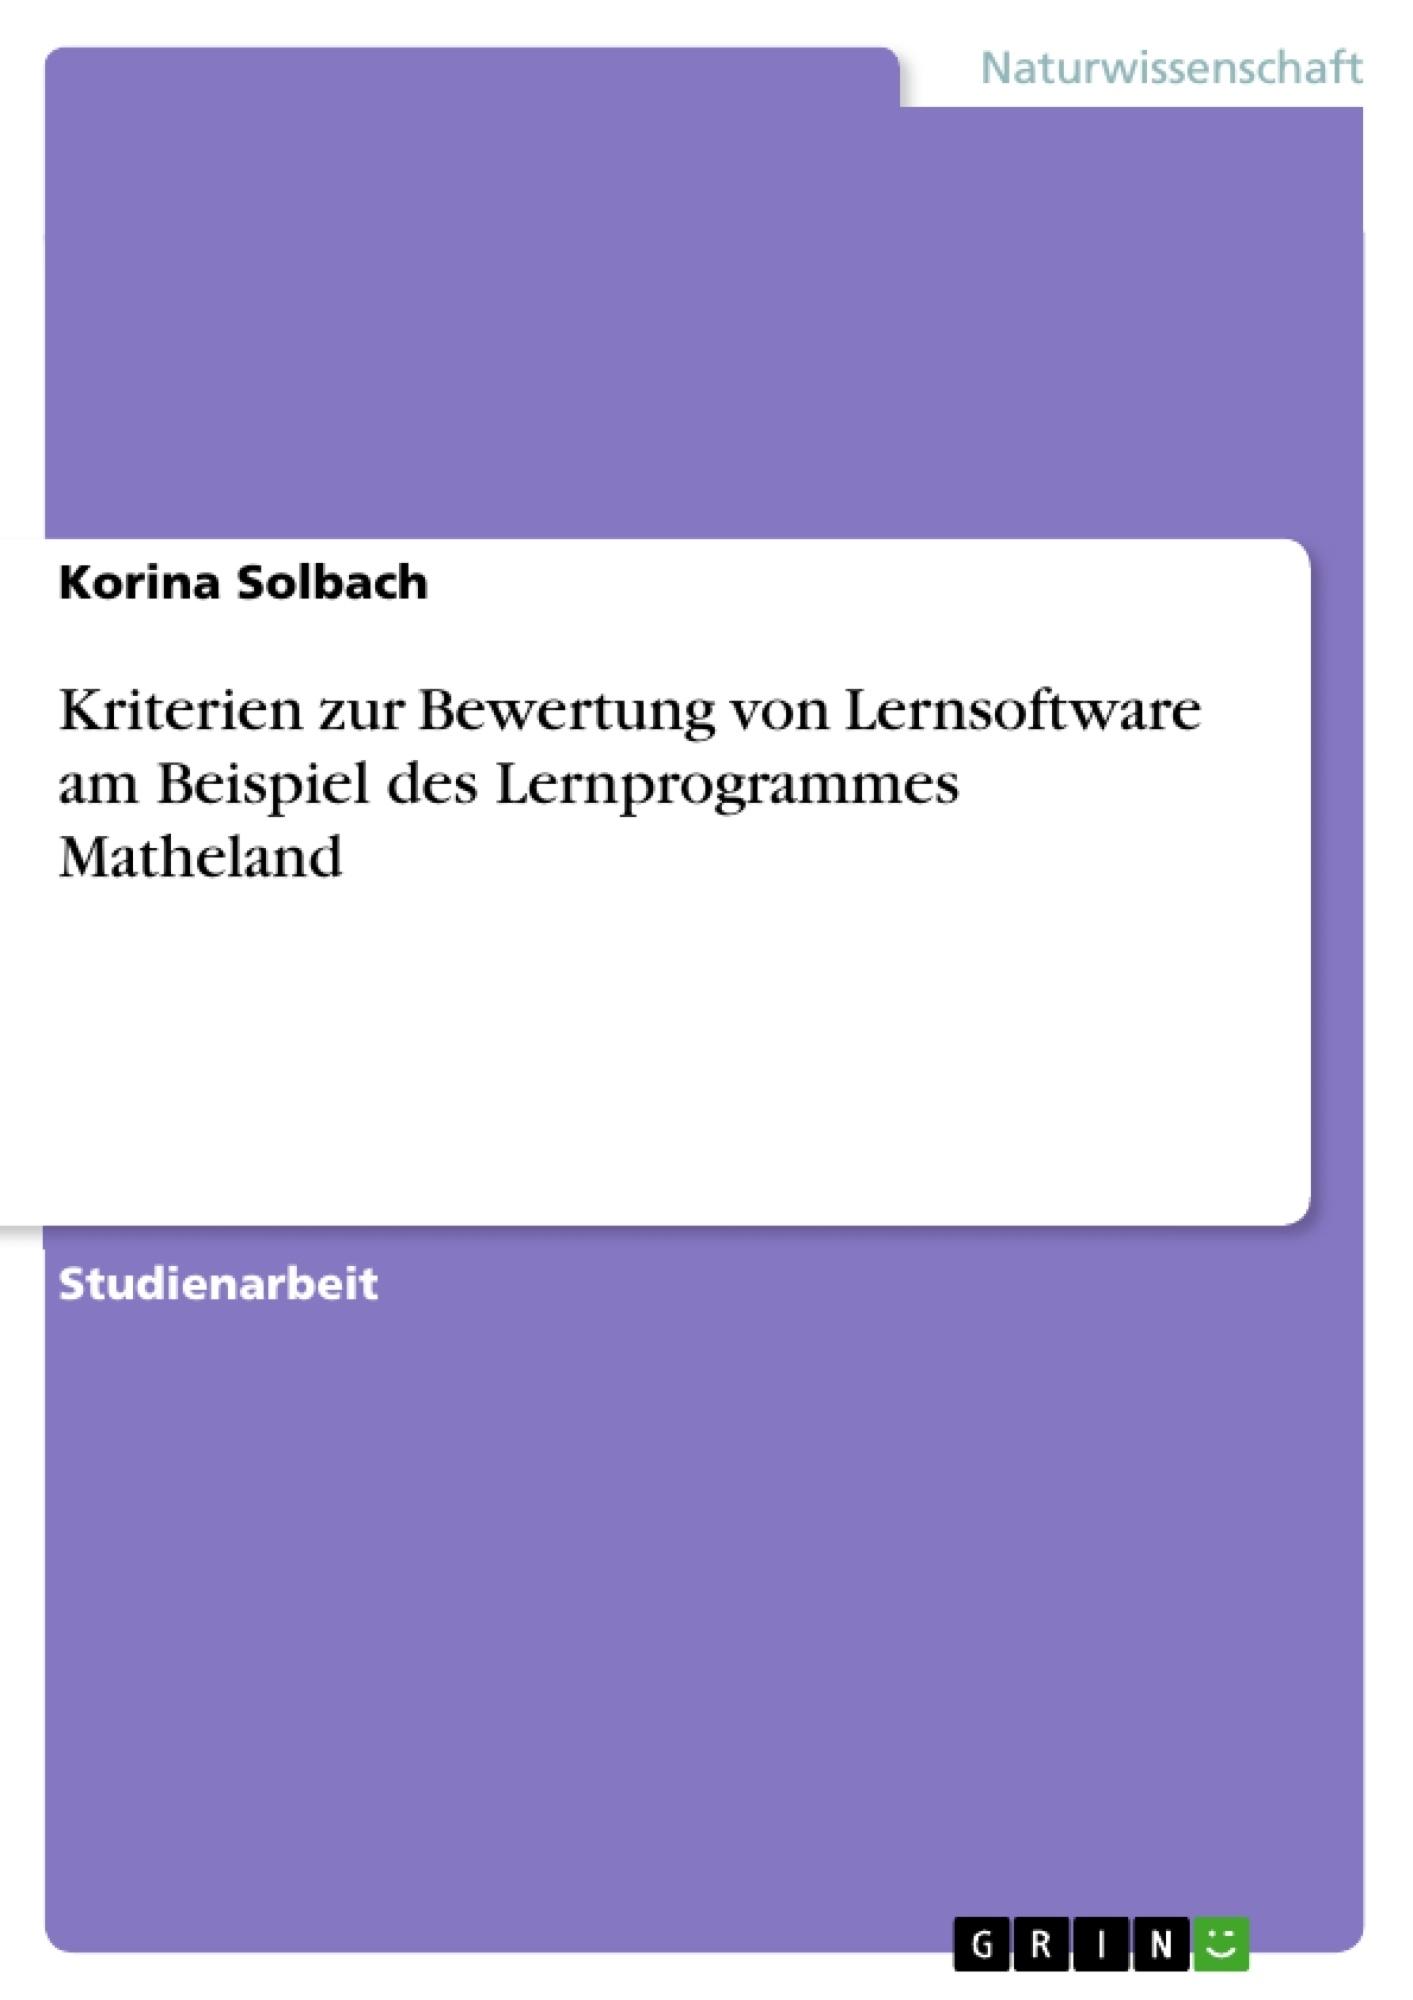 Titel: Kriterien zur Bewertung von Lernsoftware am  Beispiel des Lernprogrammes  Matheland